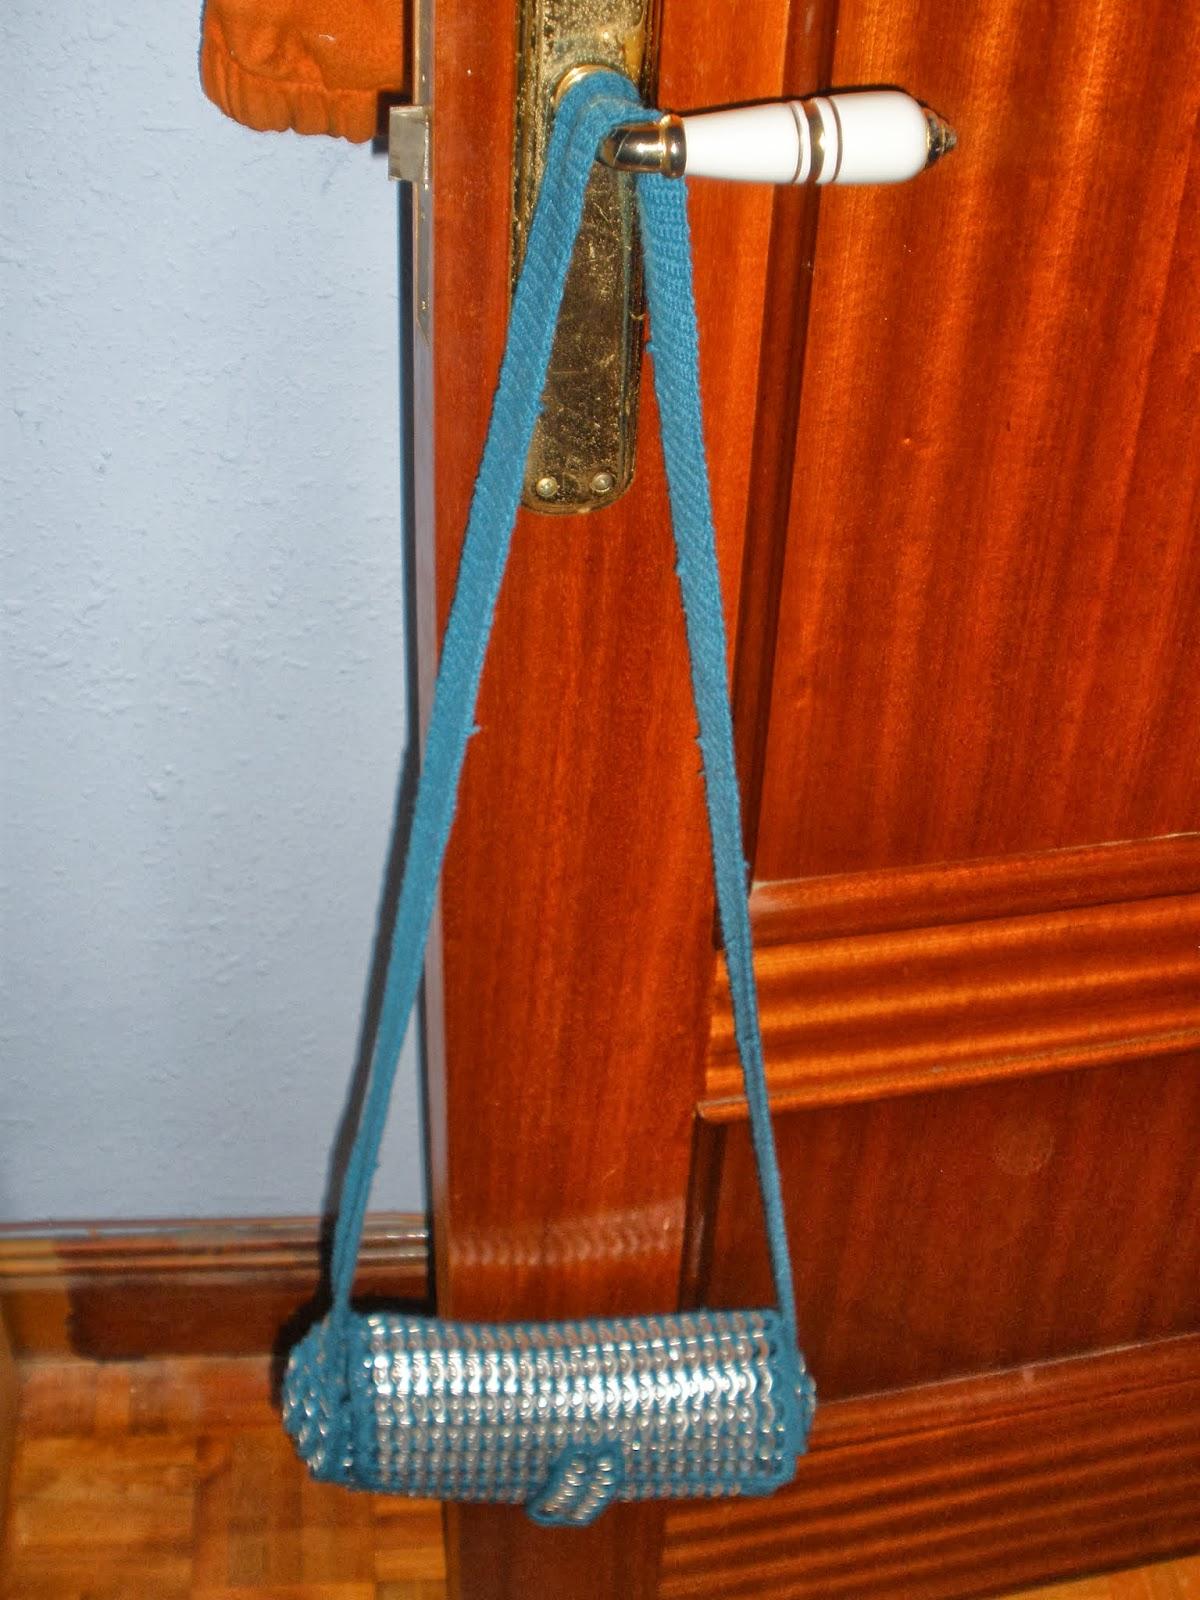 bolso colgado en la puerta